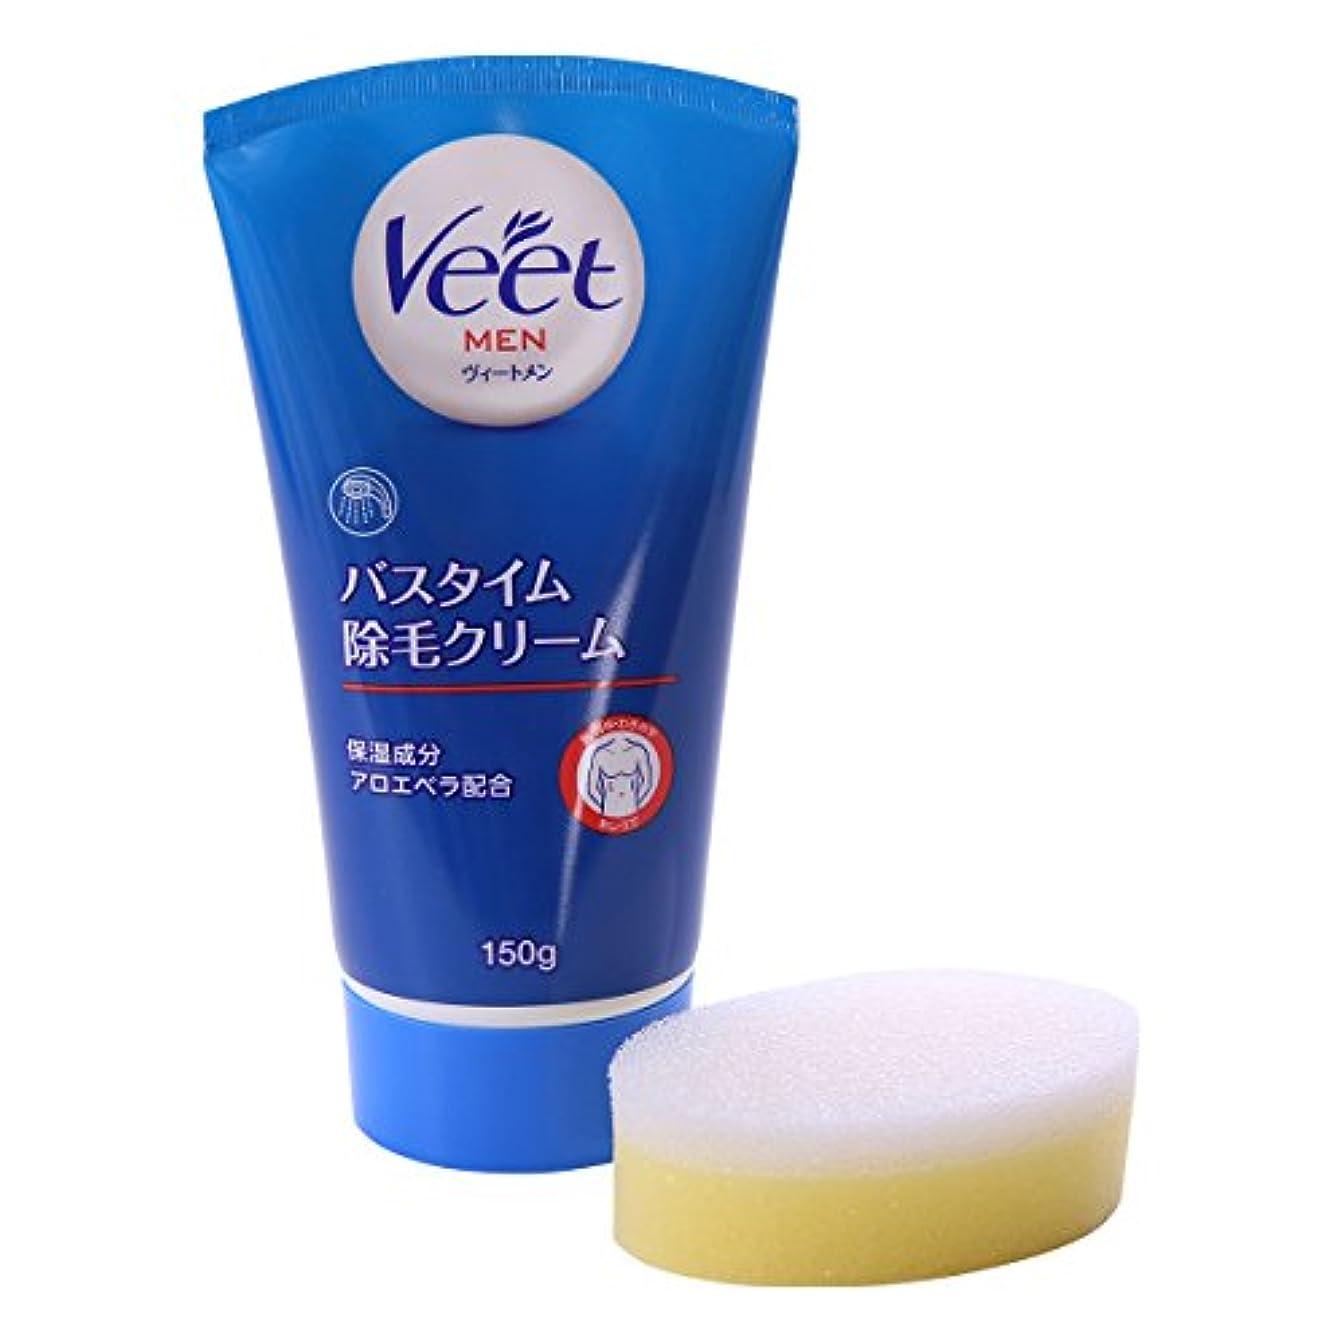 スーツケースオンス雑品(ヴィート)Veet メンズ バスタイム 除毛クリーム あし うで 胸 背中 わきの下